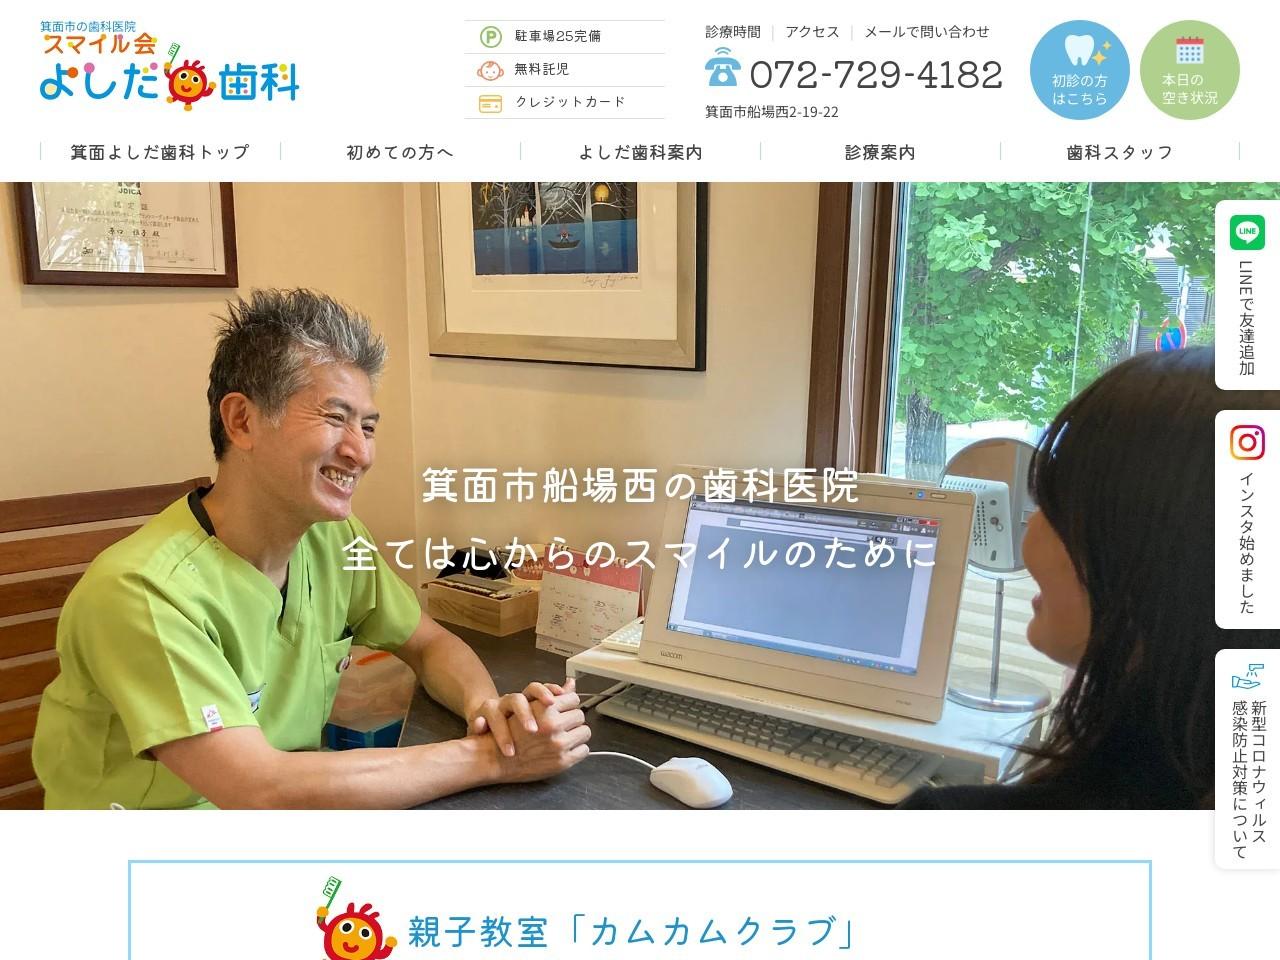 医療法人スマイル会  よしだ歯科 (大阪府箕面市)